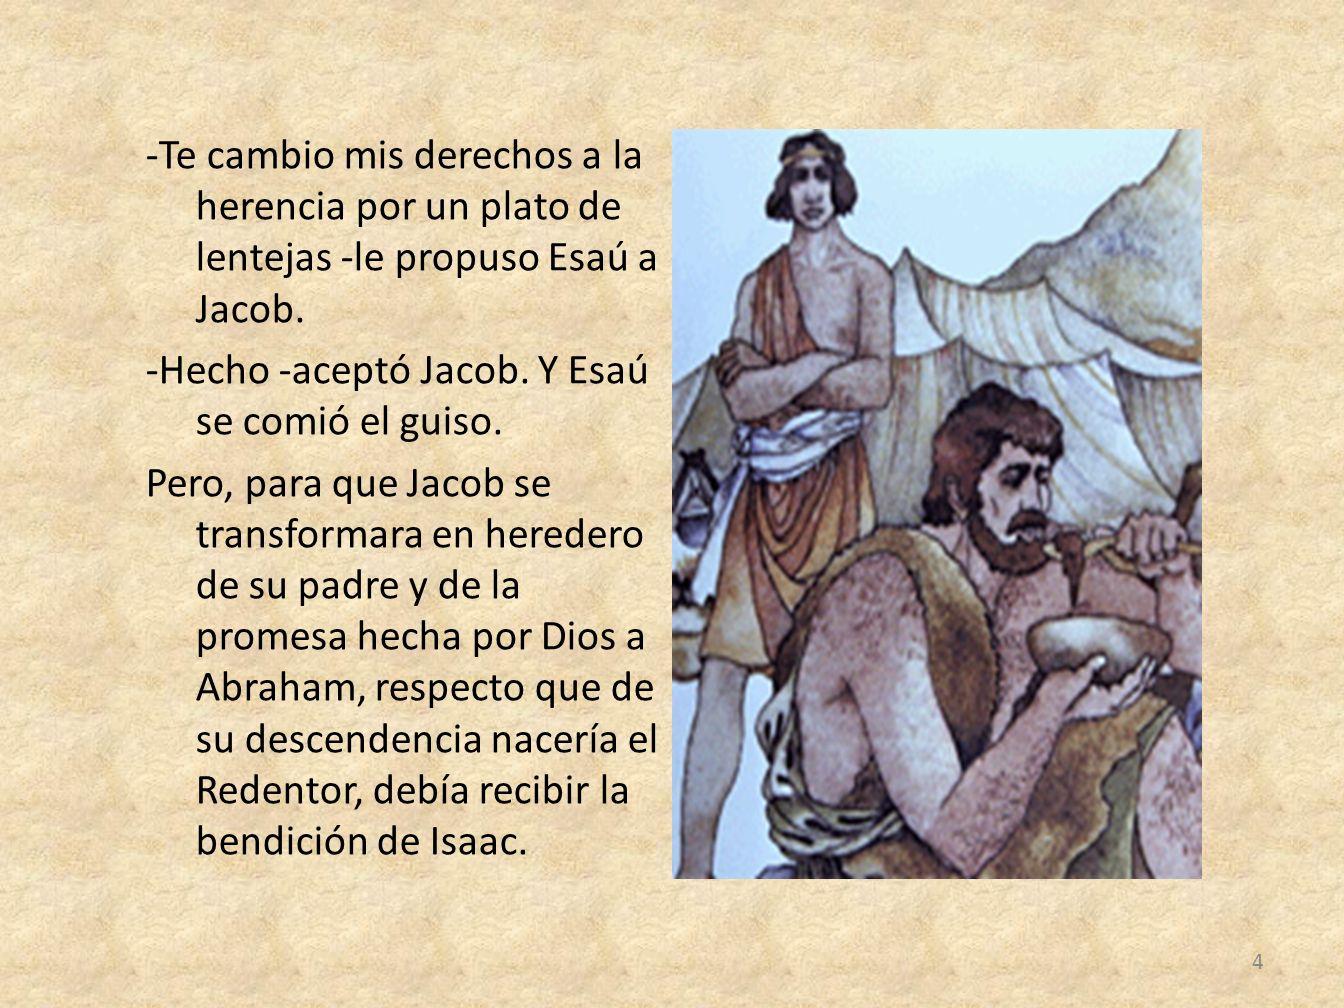 -Te cambio mis derechos a la herencia por un plato de lentejas -le propuso Esaú a Jacob.